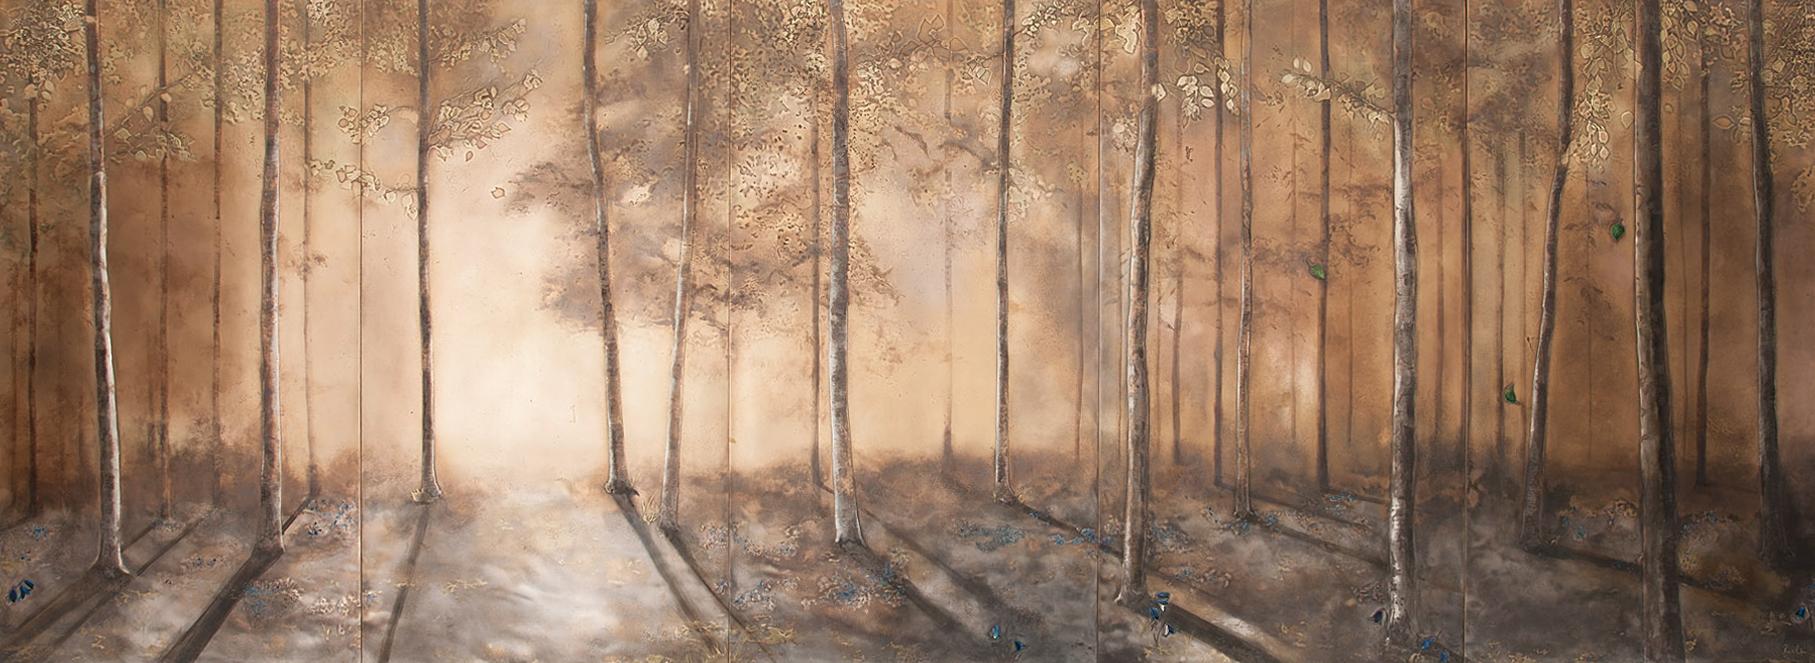 bu_00992_treescape_A.jpg